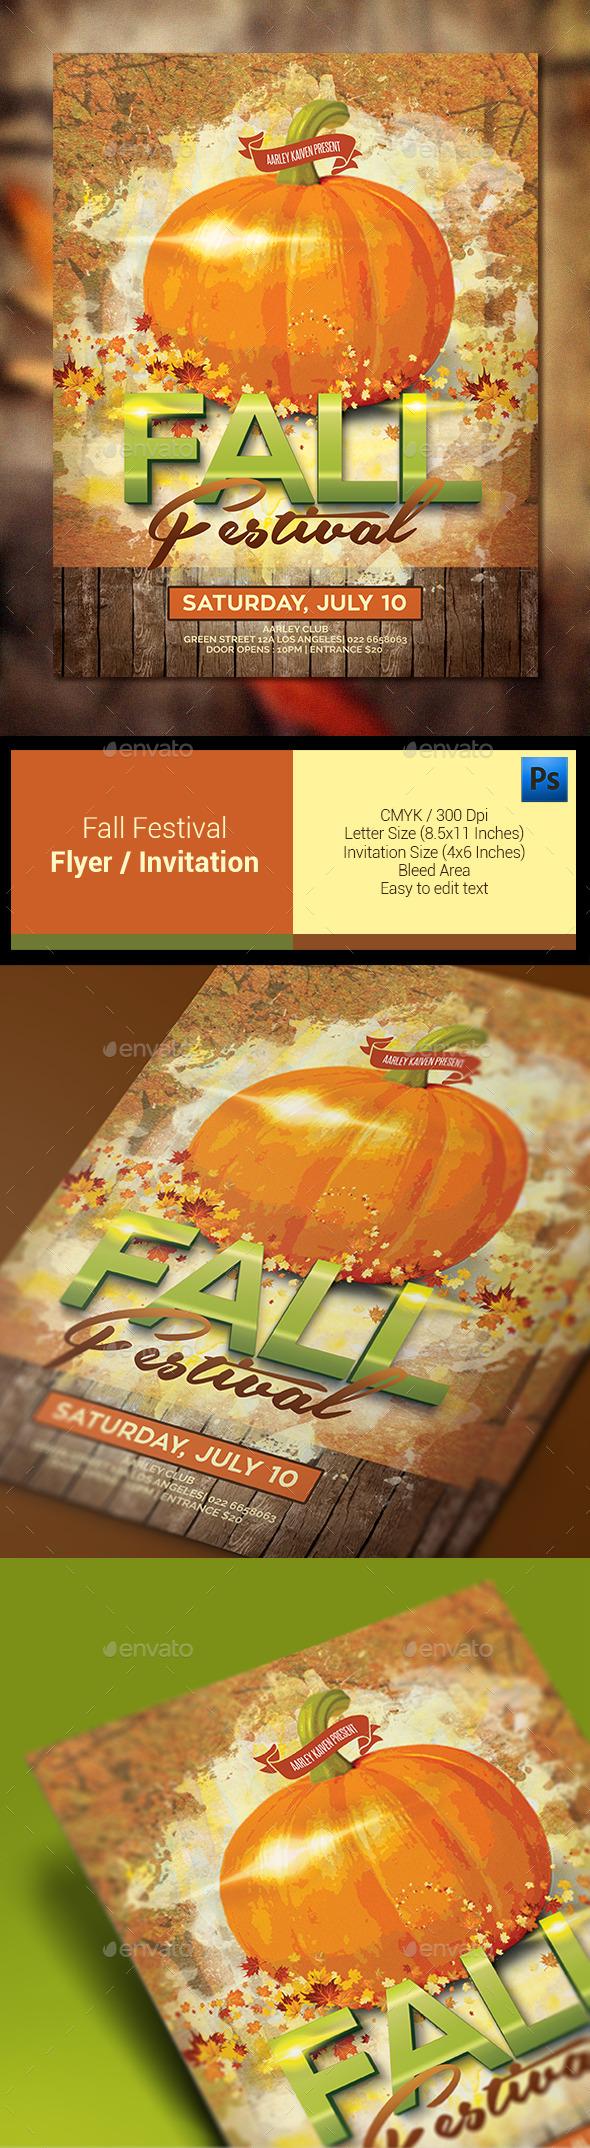 Fall Festival Flyer Invitation